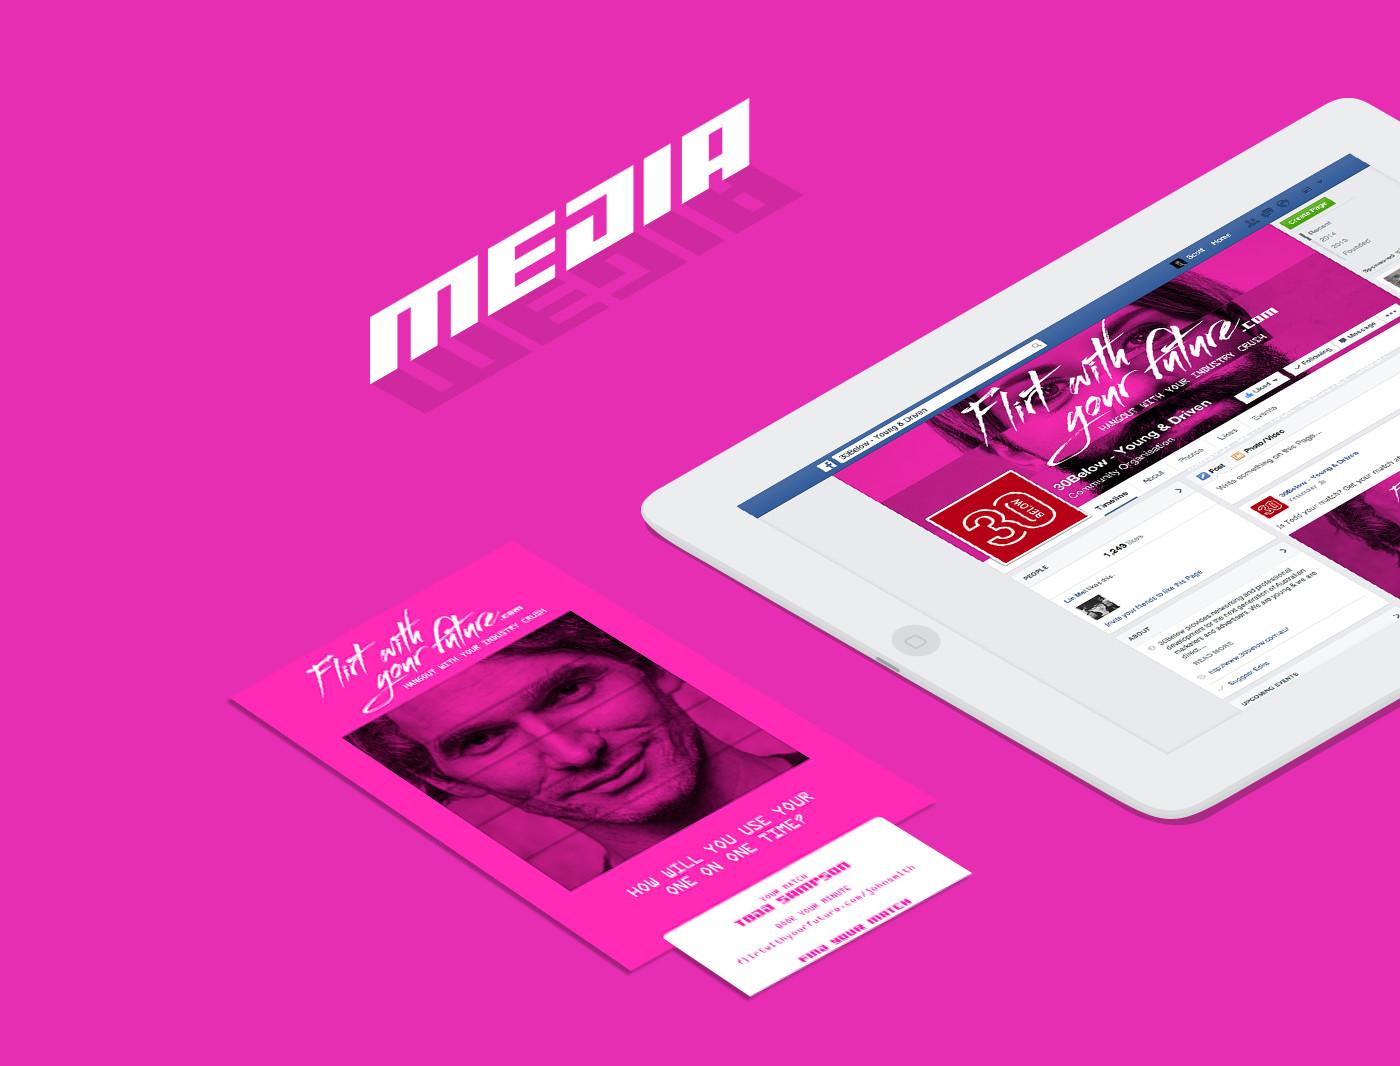 FWYF_08_Media.jpg